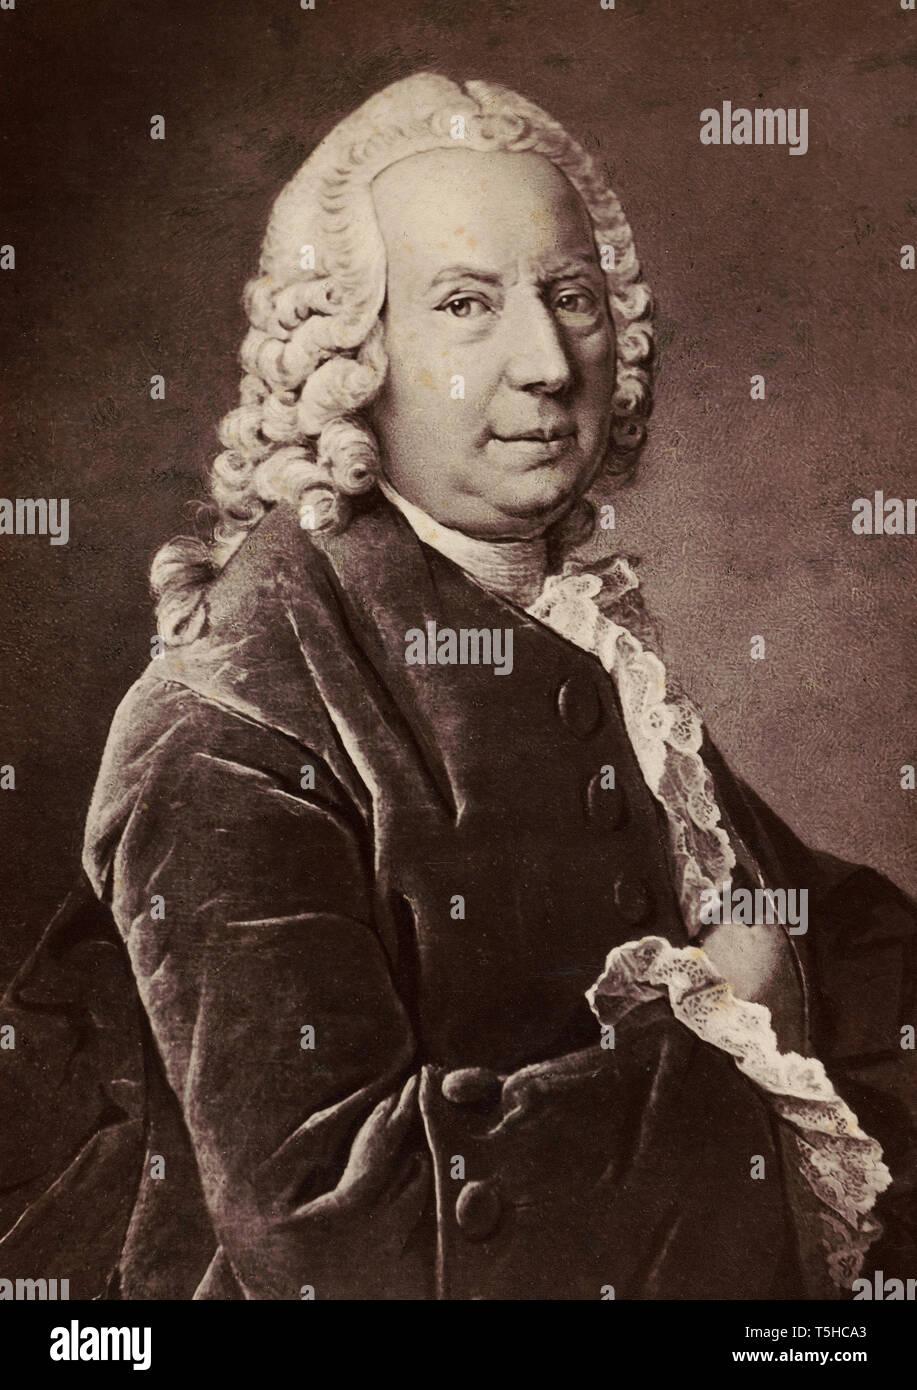 DANIEL BERNOULLI (1700-1782) matemático y físico suizo alrededor de 1750 Imagen De Stock